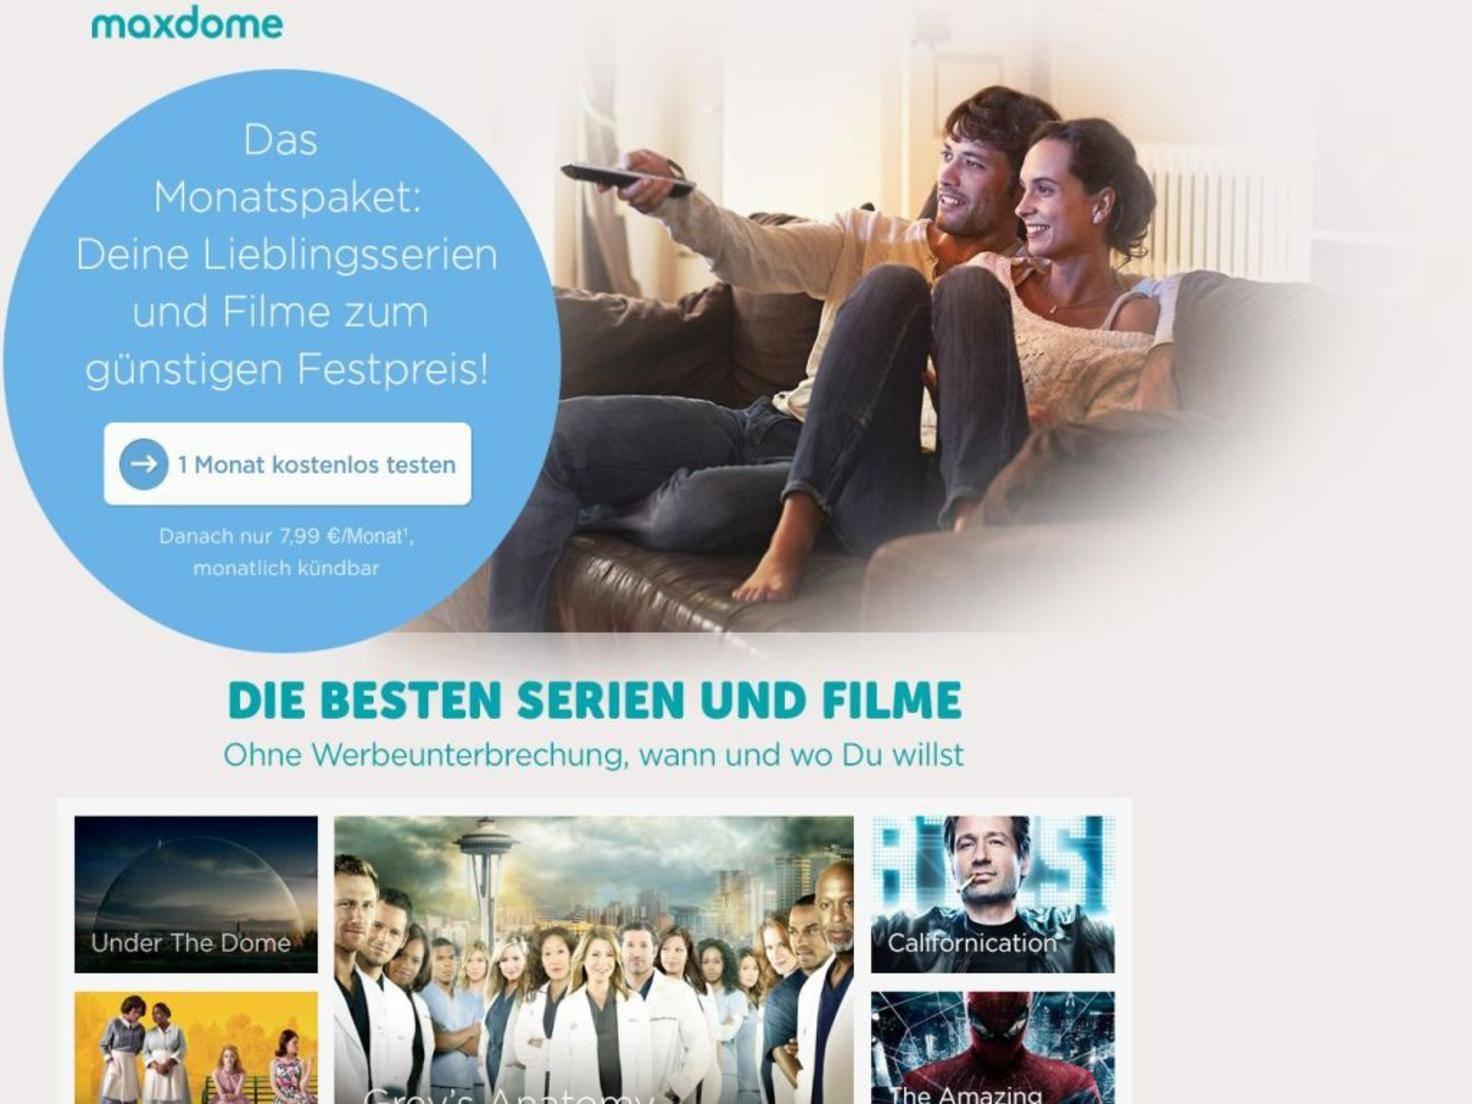 Größter Anbieter Deutschlands: Maxdome